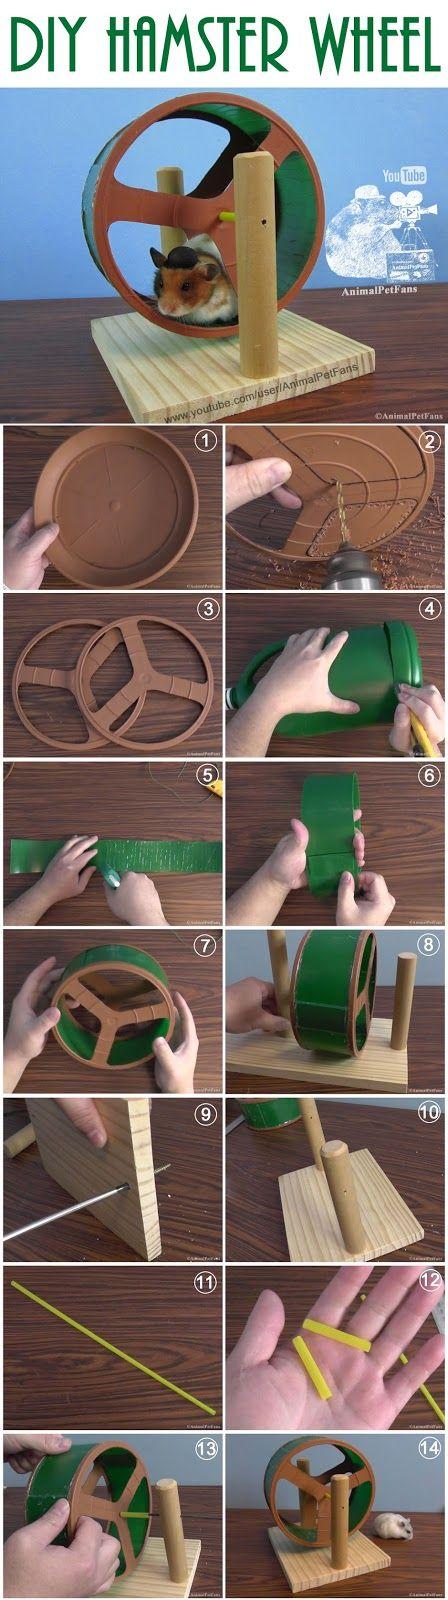 DIY Hamster Wheel Como fazer uma rodinha para hamster by AnimalPetFans. #hamster #DIY #animals